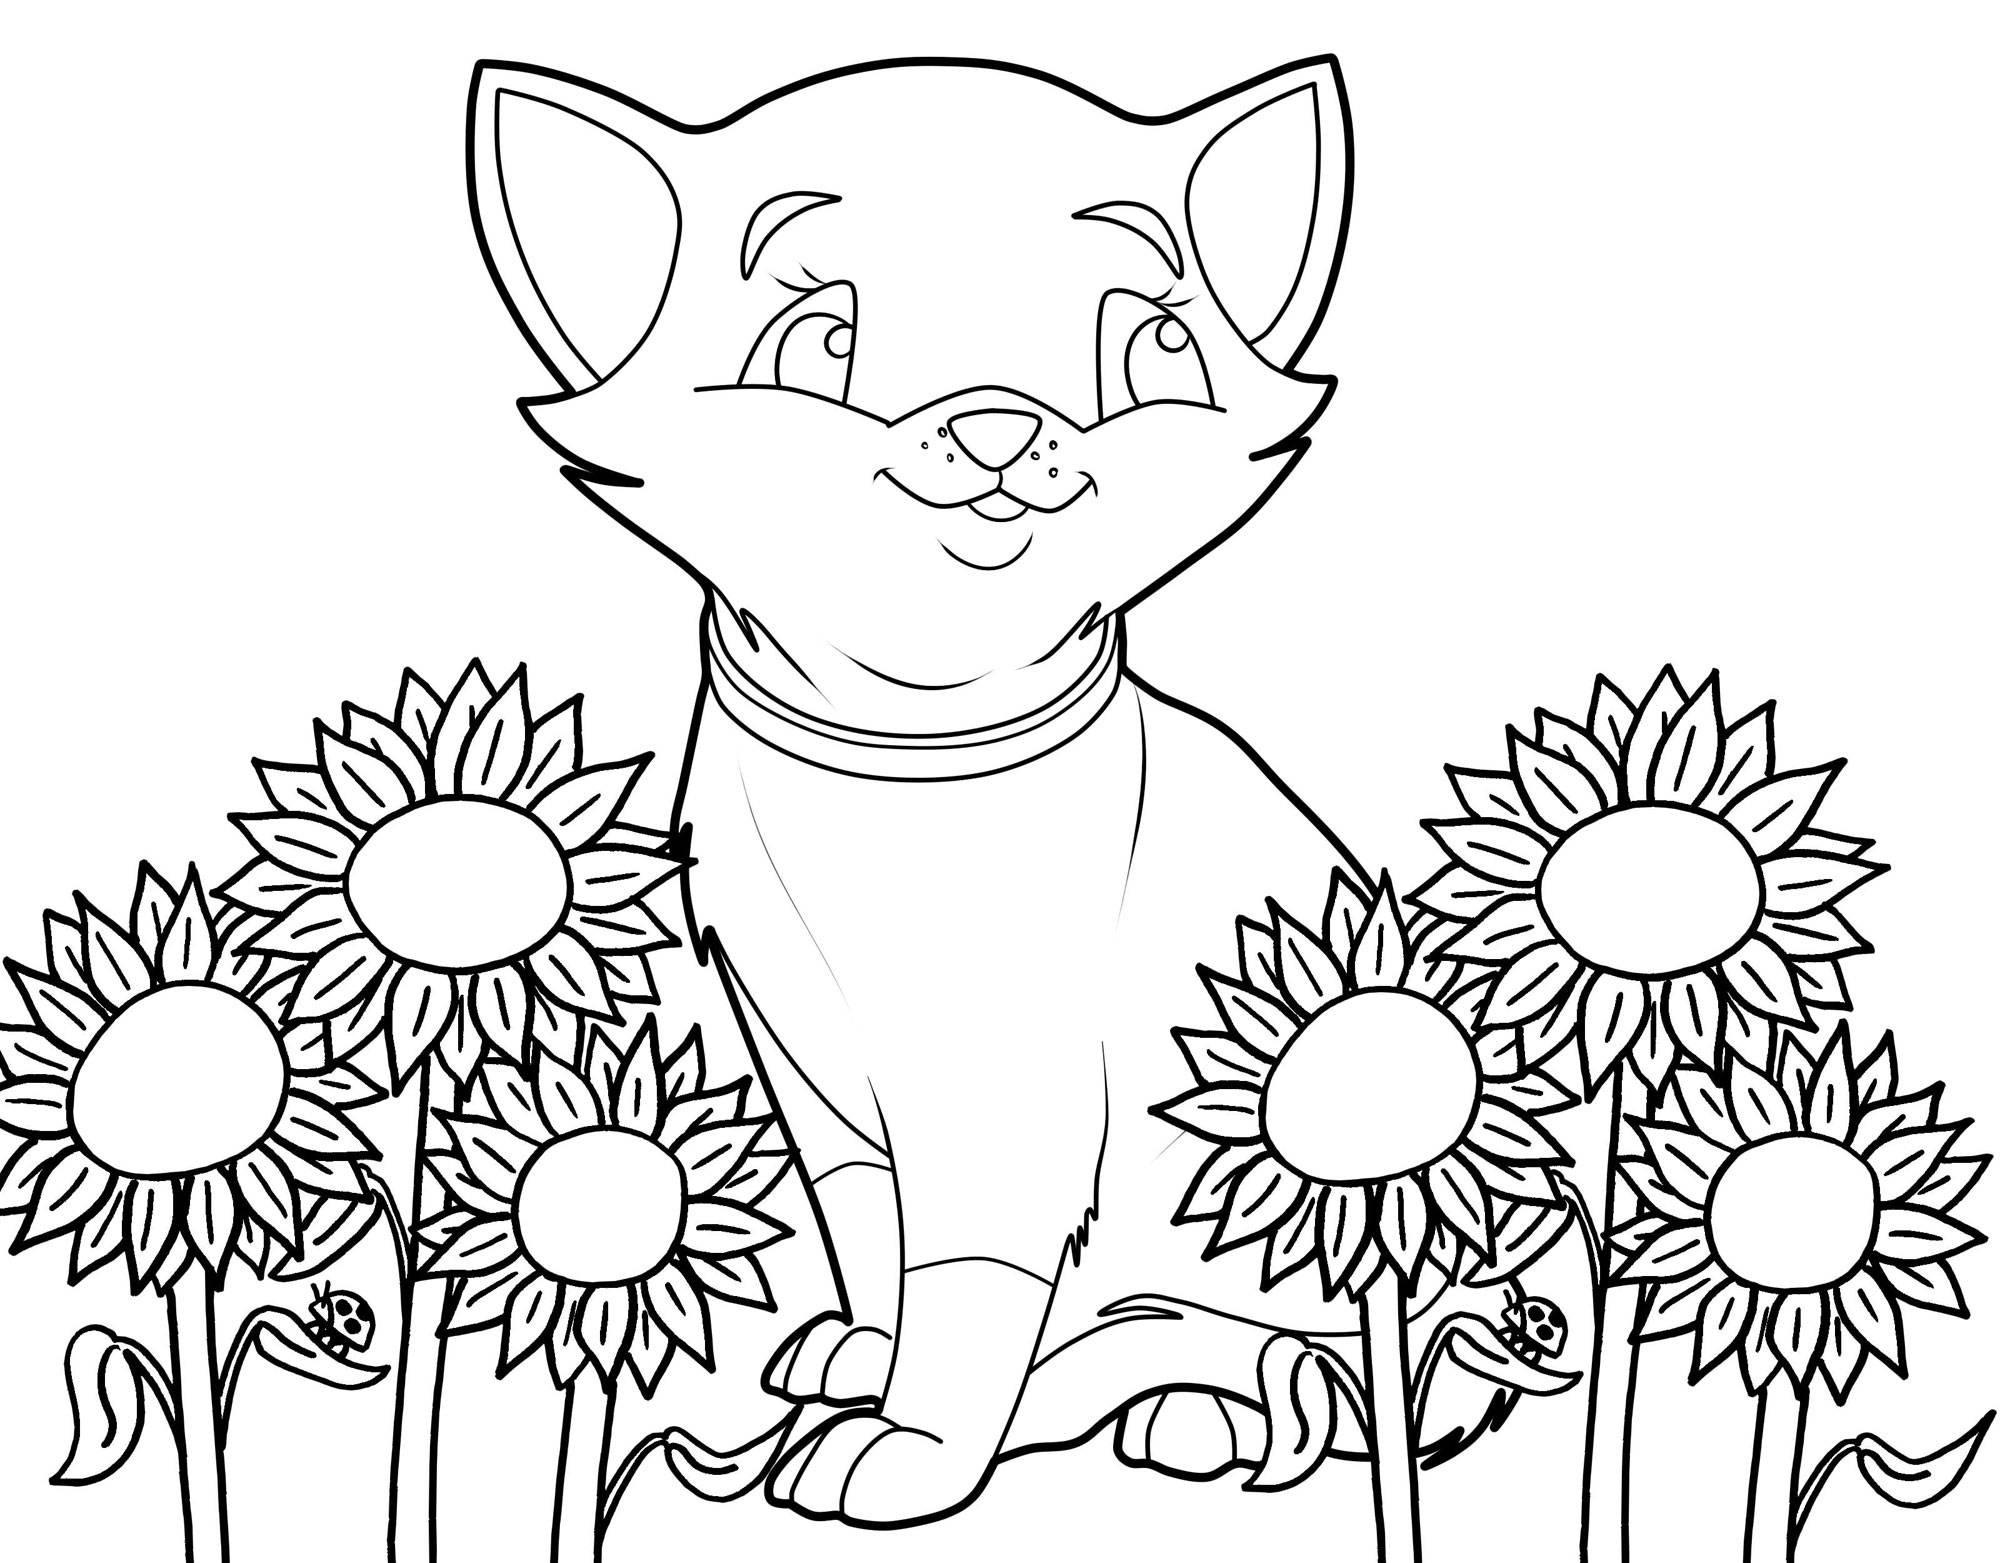 Ausmalbilder Katzen Kostenlos  Kostenlose Malvorlage Katzen Katze und Sonnenblumen zum